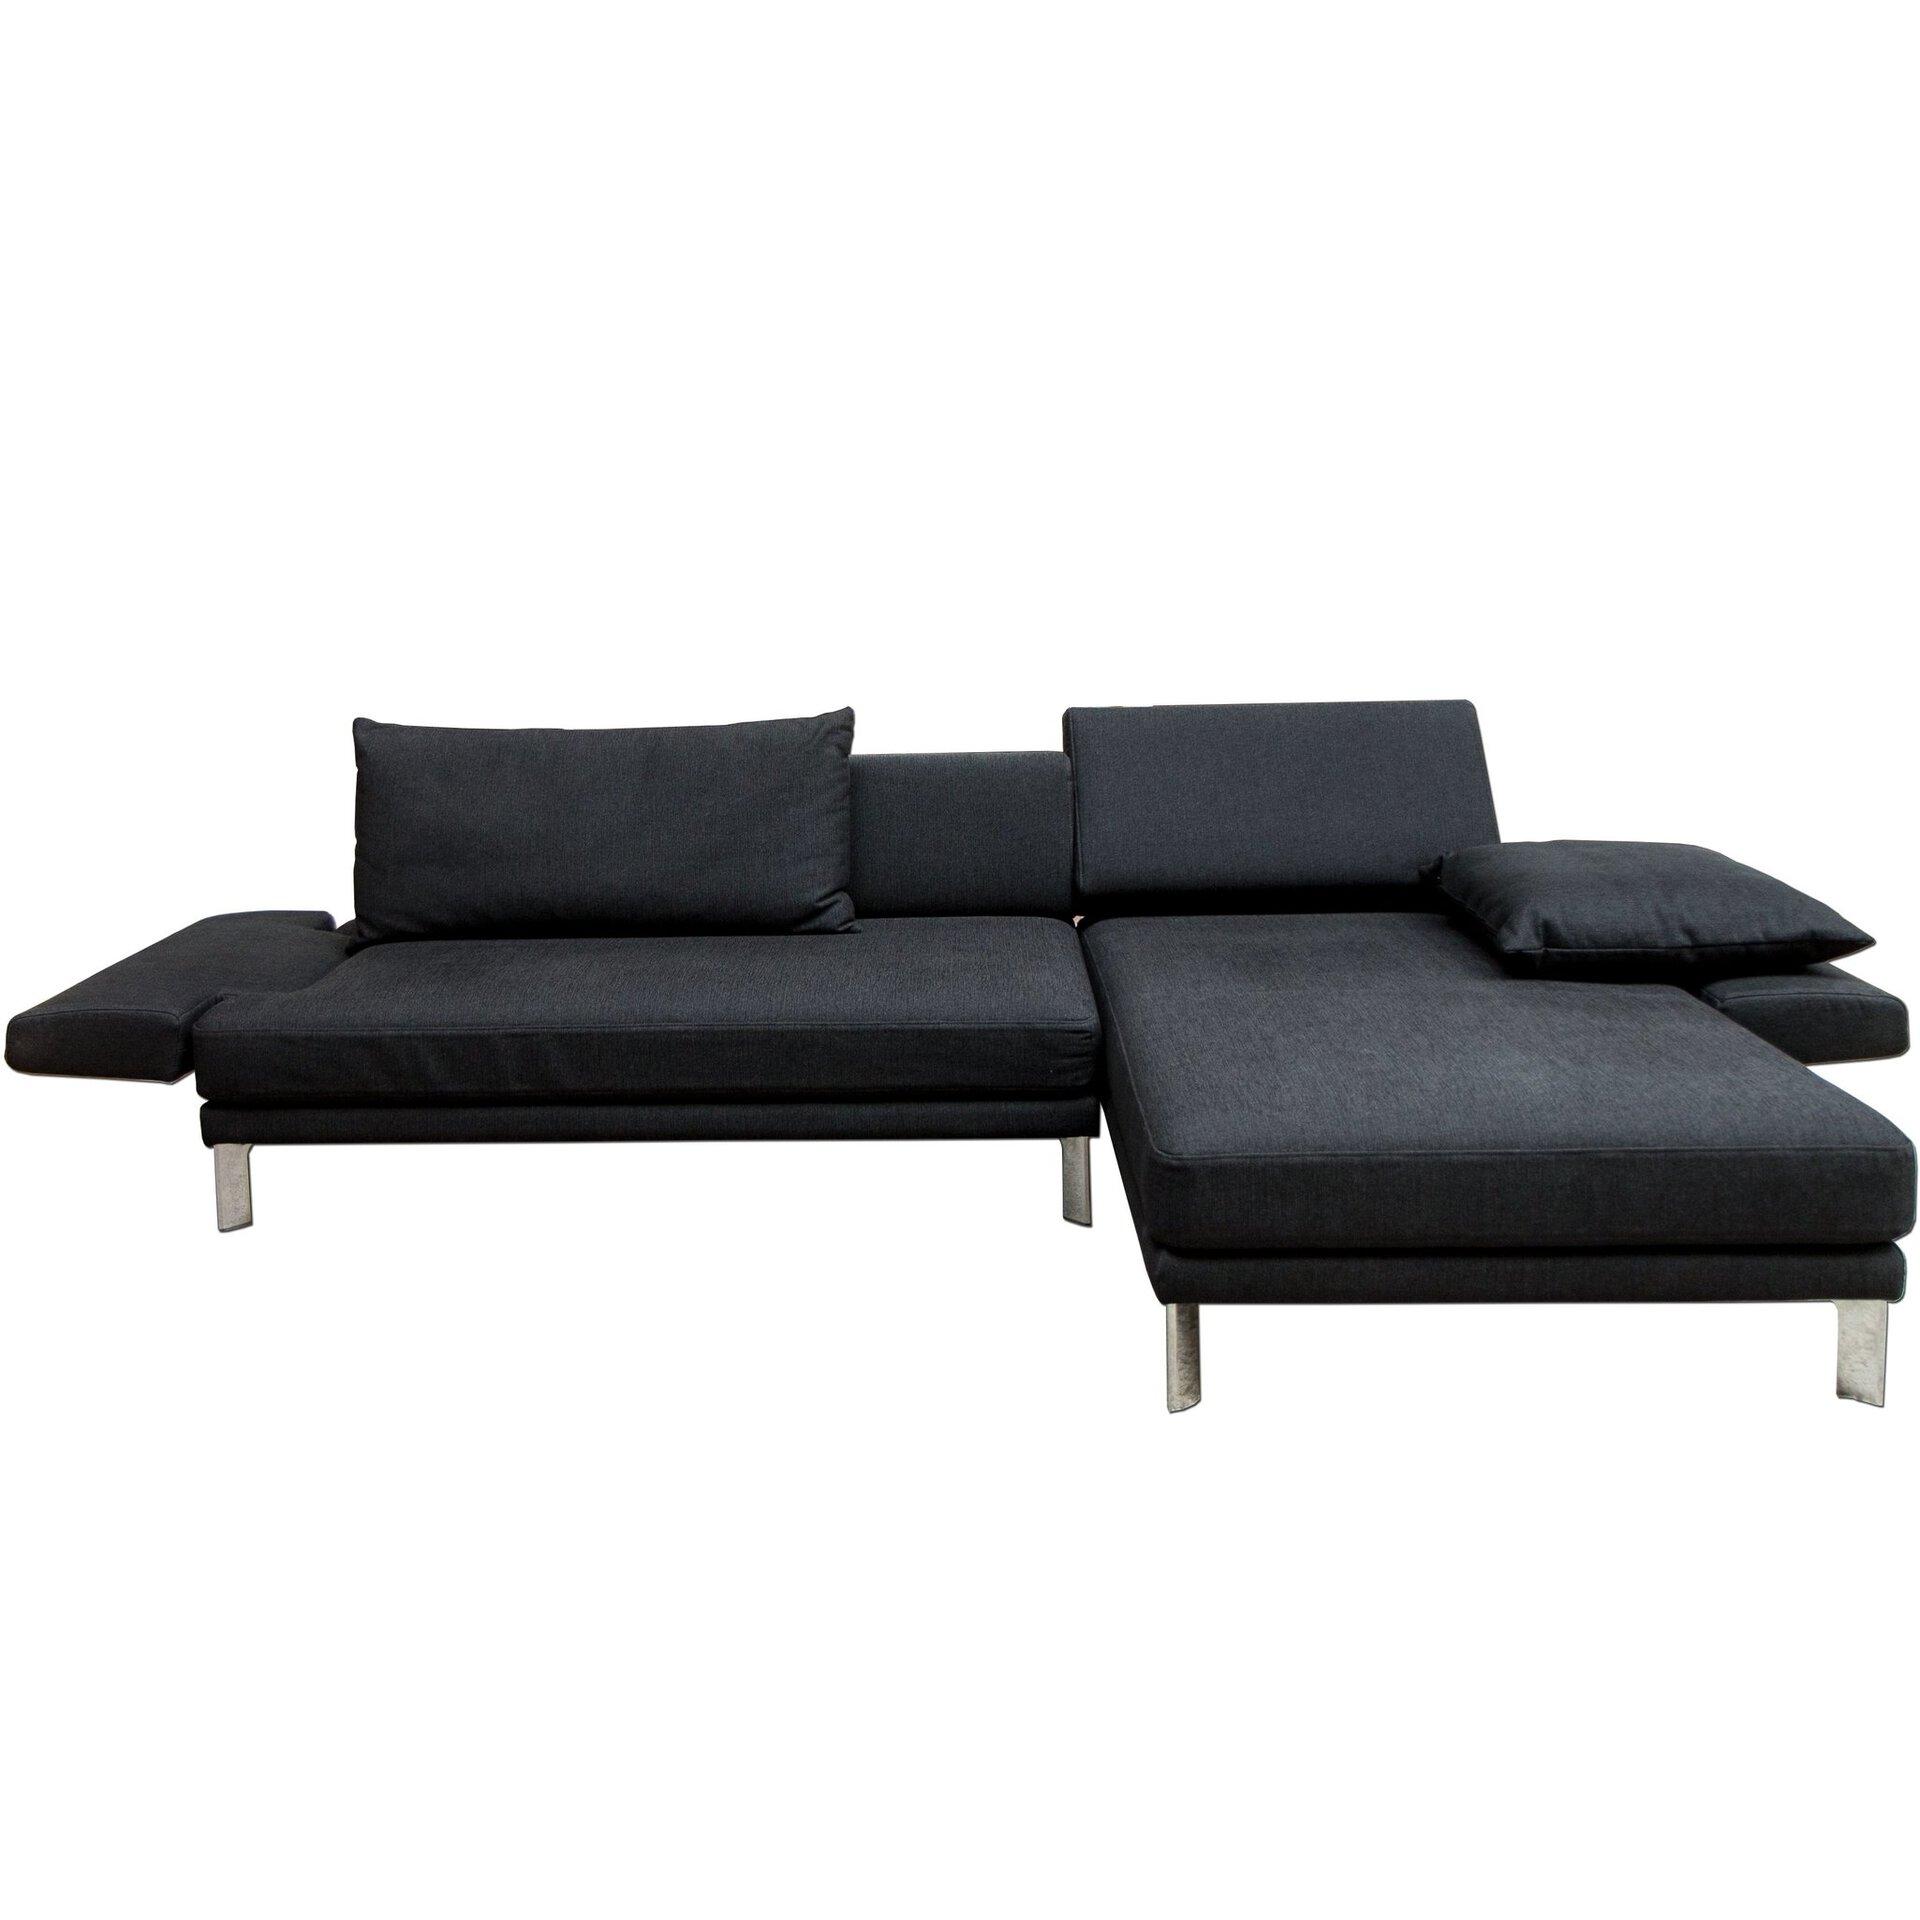 Ecksofa SENTO Rolf Benz Textil 168 x 86 x 263 cm